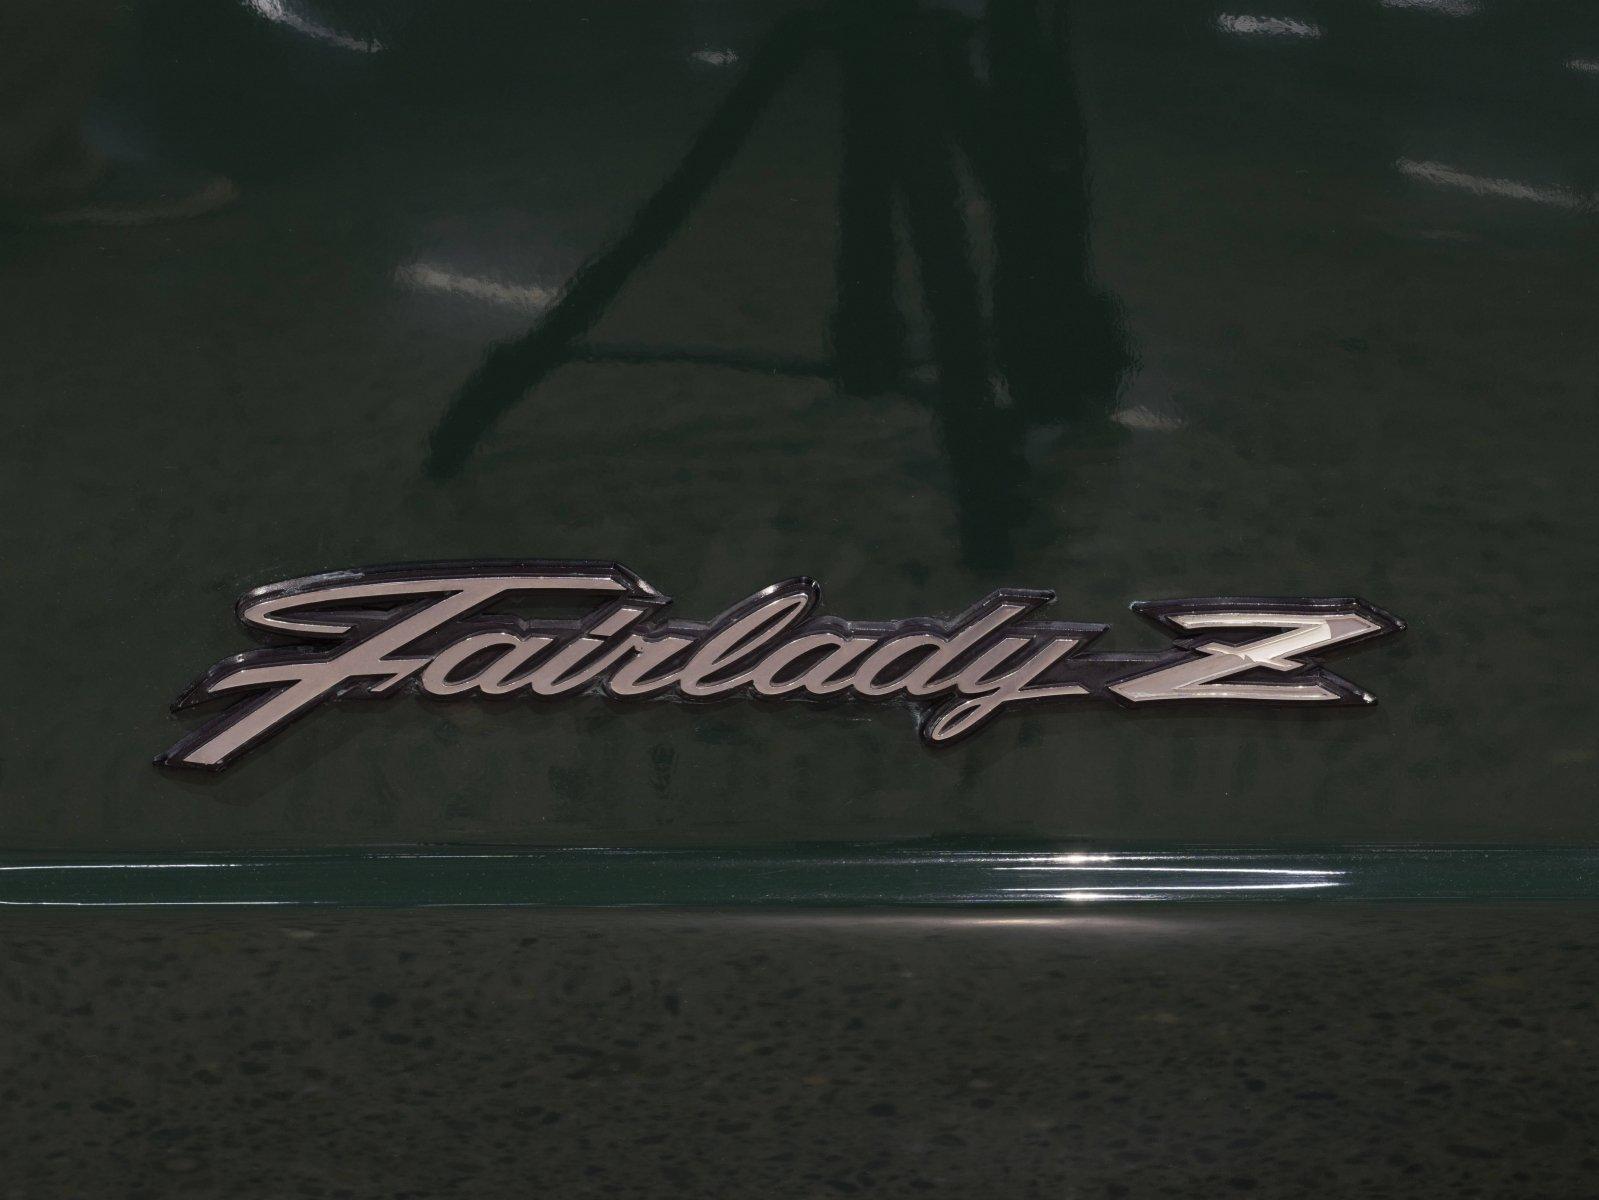 DEN GTチェア FAIRLADY Z